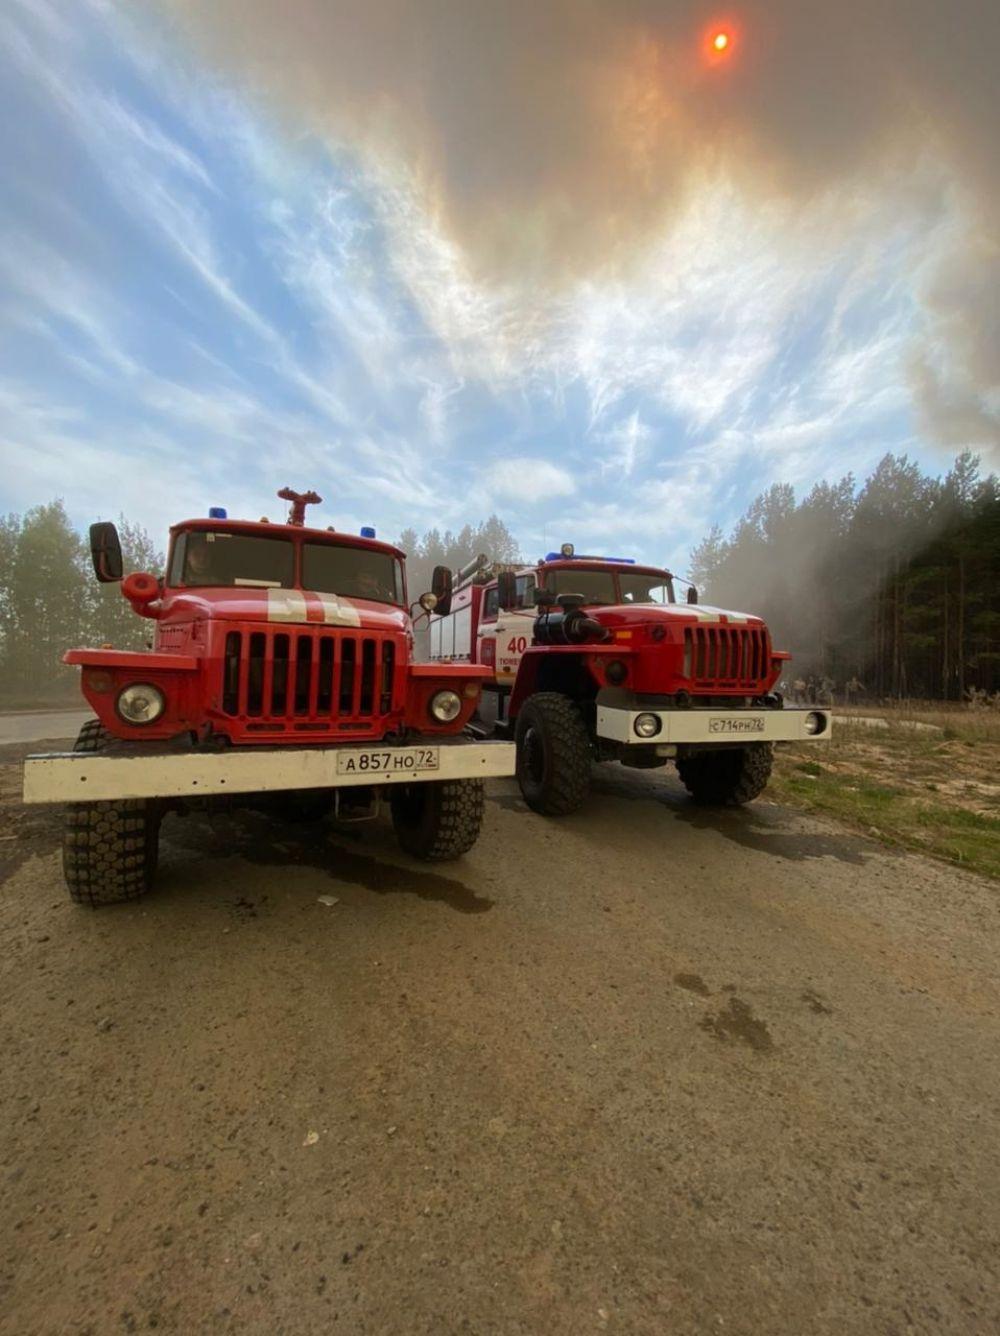 Красное солнце от дыма. Лесные пожары в Тюменской области, 2021